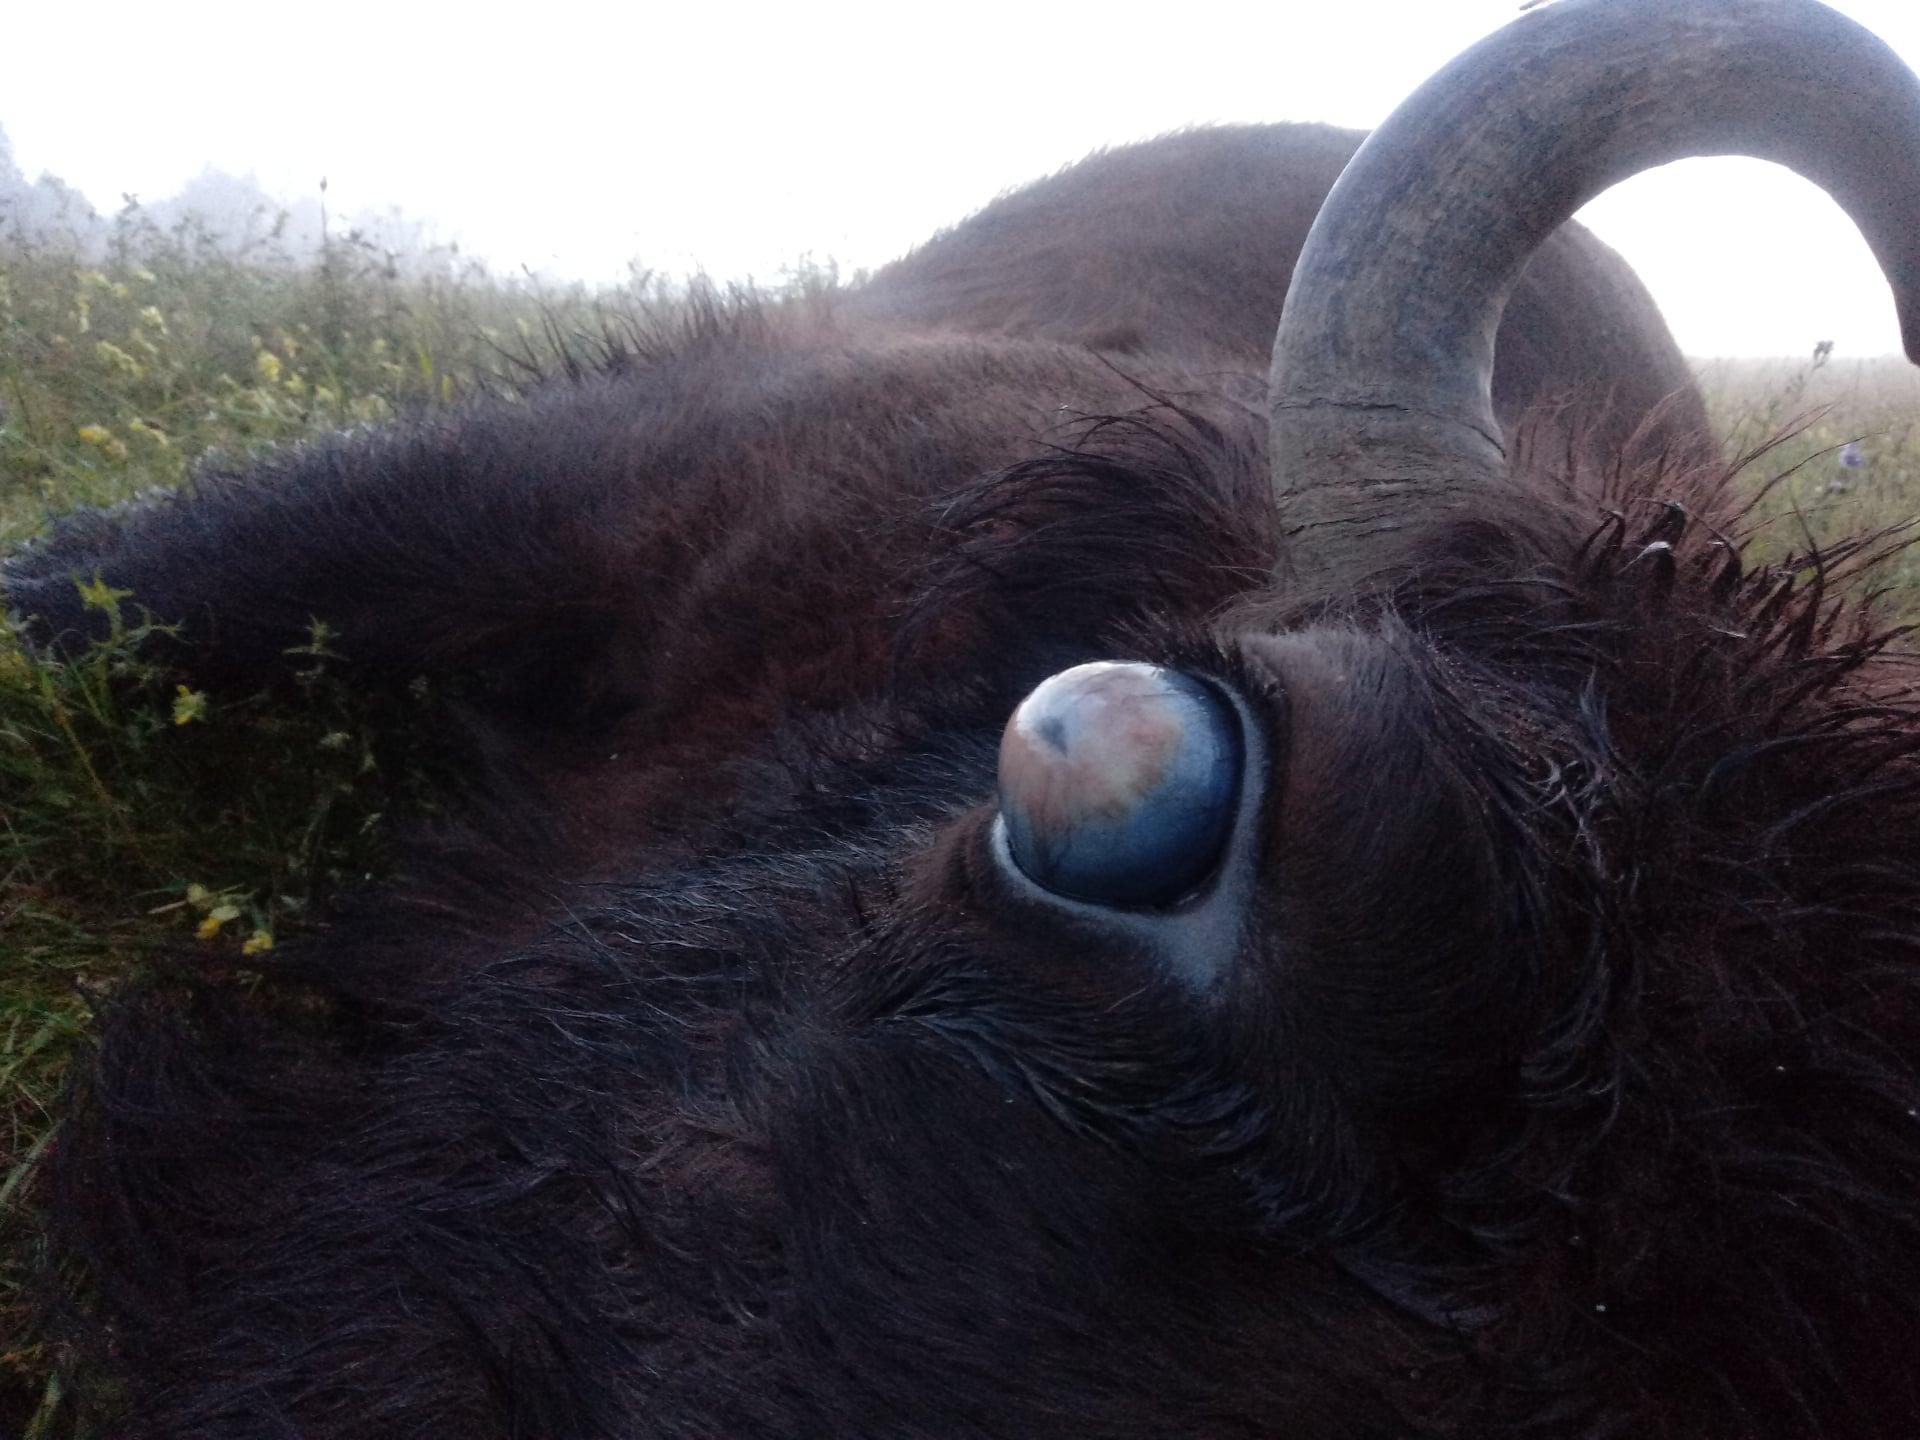 Będą zabijać żubry w Bieszczadach. Stado niszczeje przez pasożyty - Zdjęcie główne